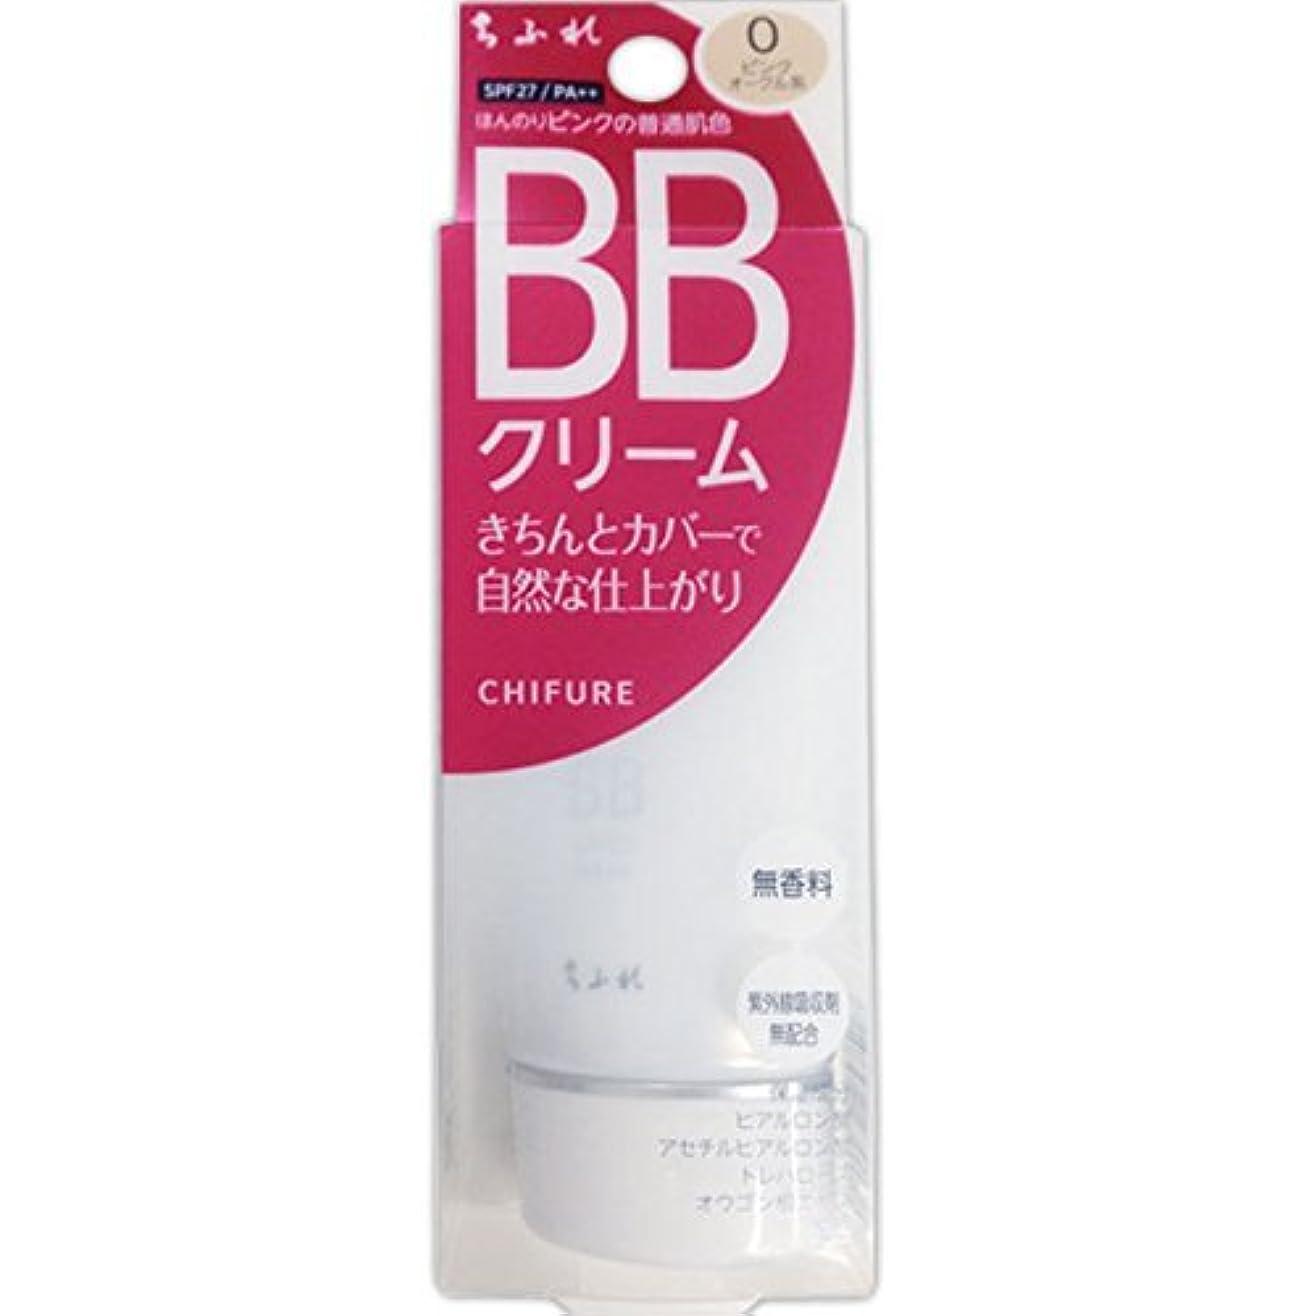 どんよりした一流作者ちふれ化粧品 BB クリーム ほんのりピンクの普通肌色 0